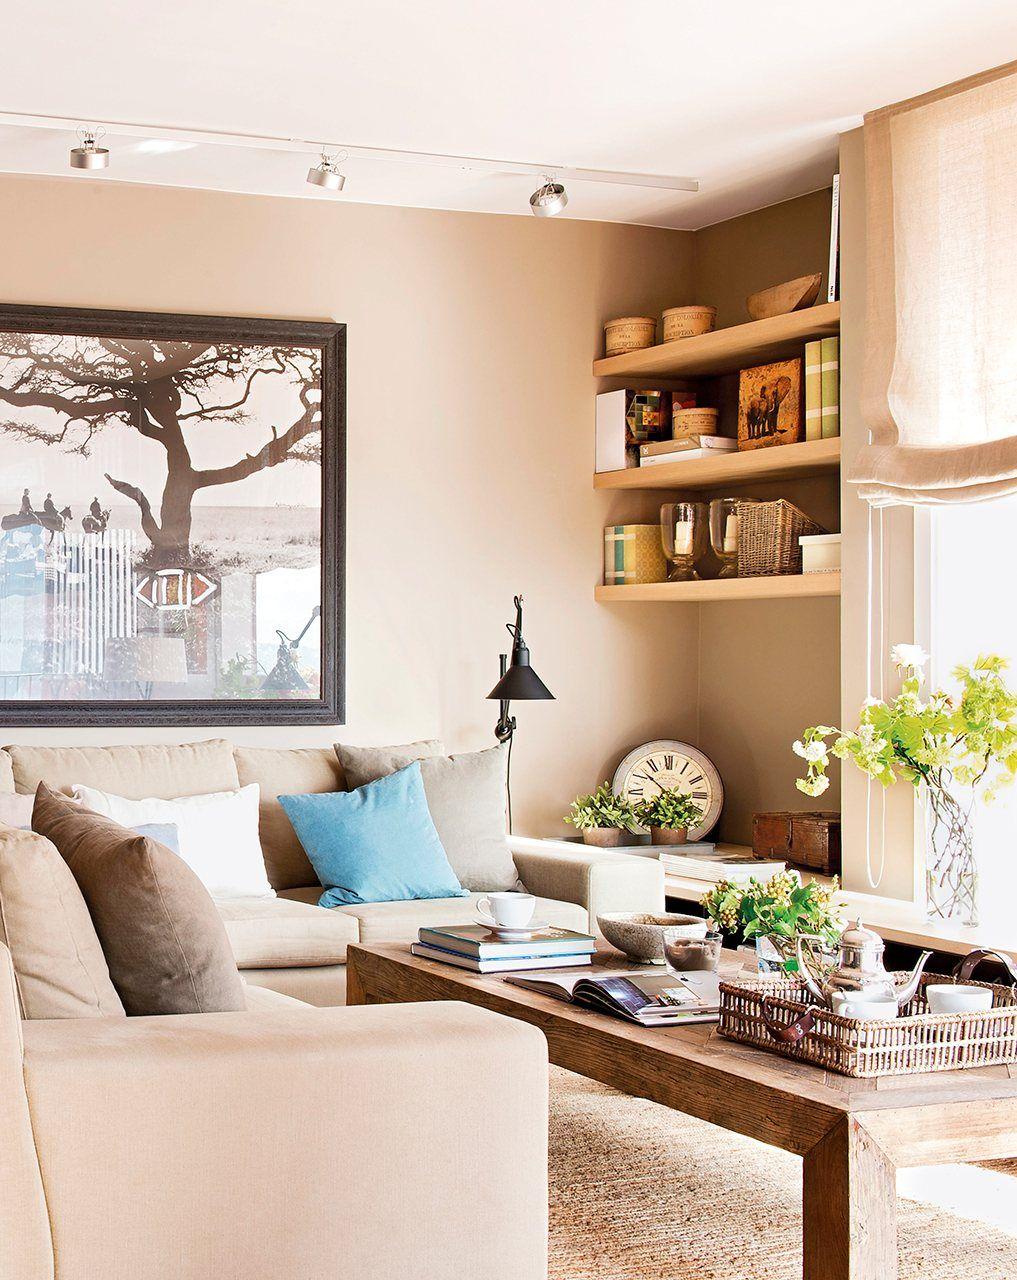 Gana espacio en el sal n 10 trucos infalibles deco salones espacio y decoracion de salas - Visillos para salones ...